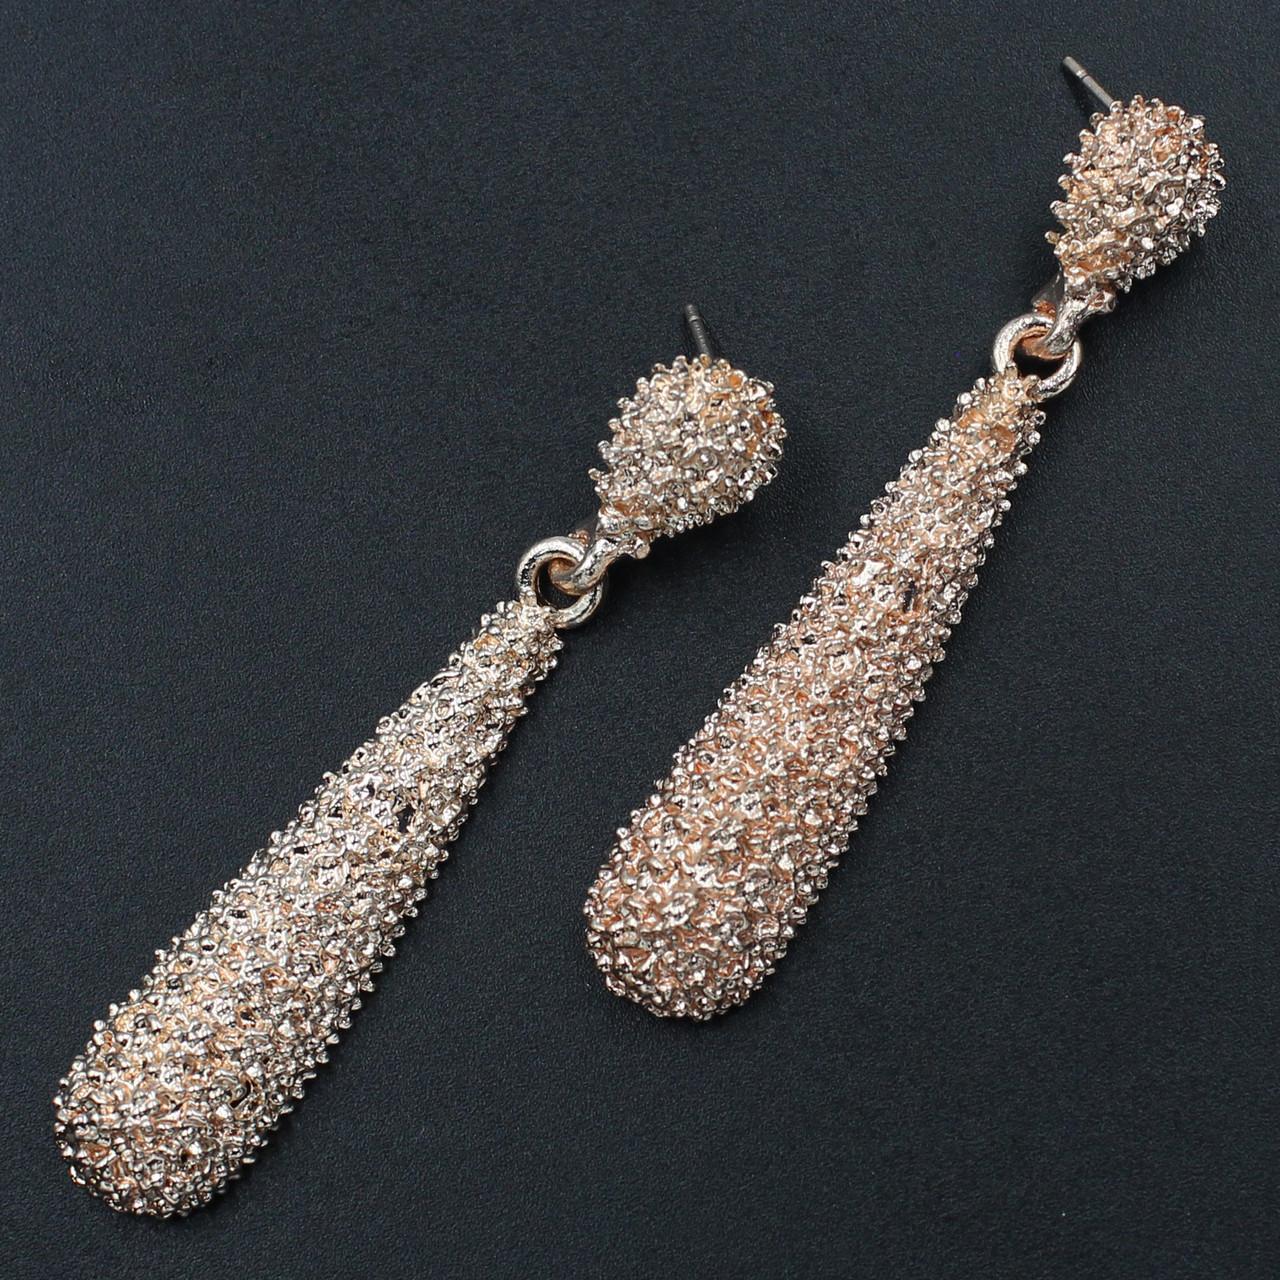 Женские серьги 60х12 мм в стиле Zara золотые